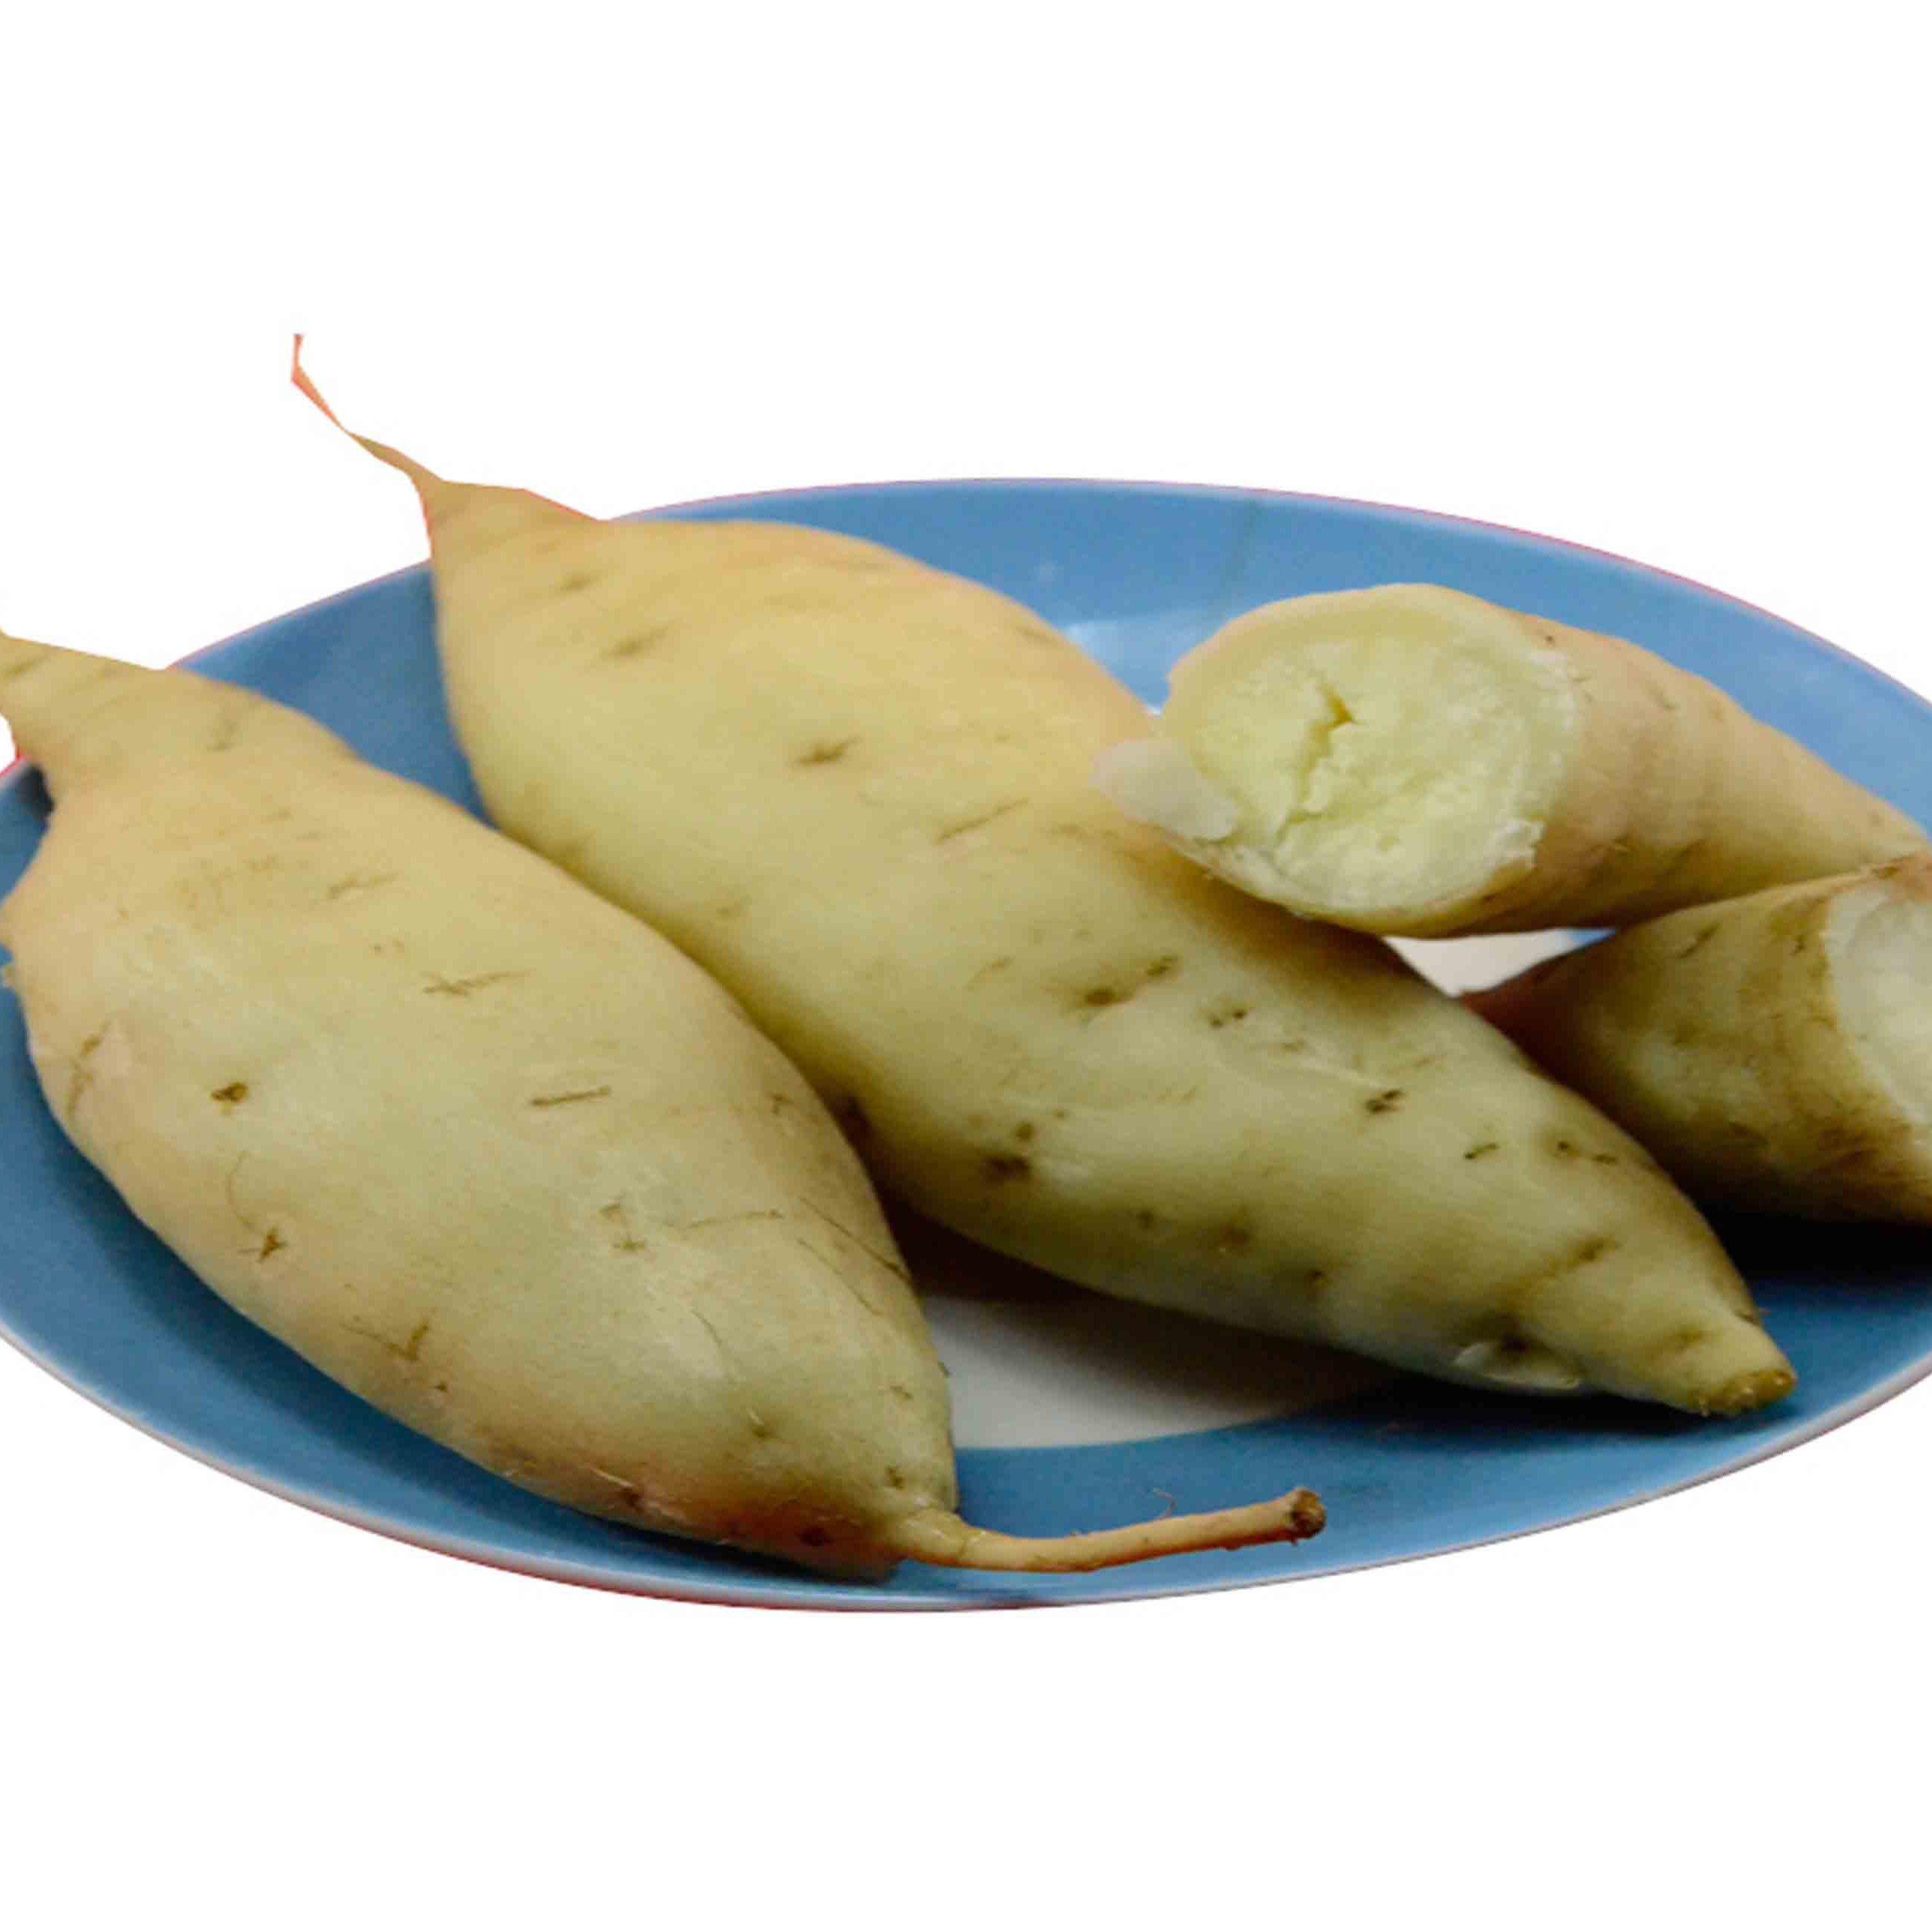 人参薯-人参与红薯培育的新品种